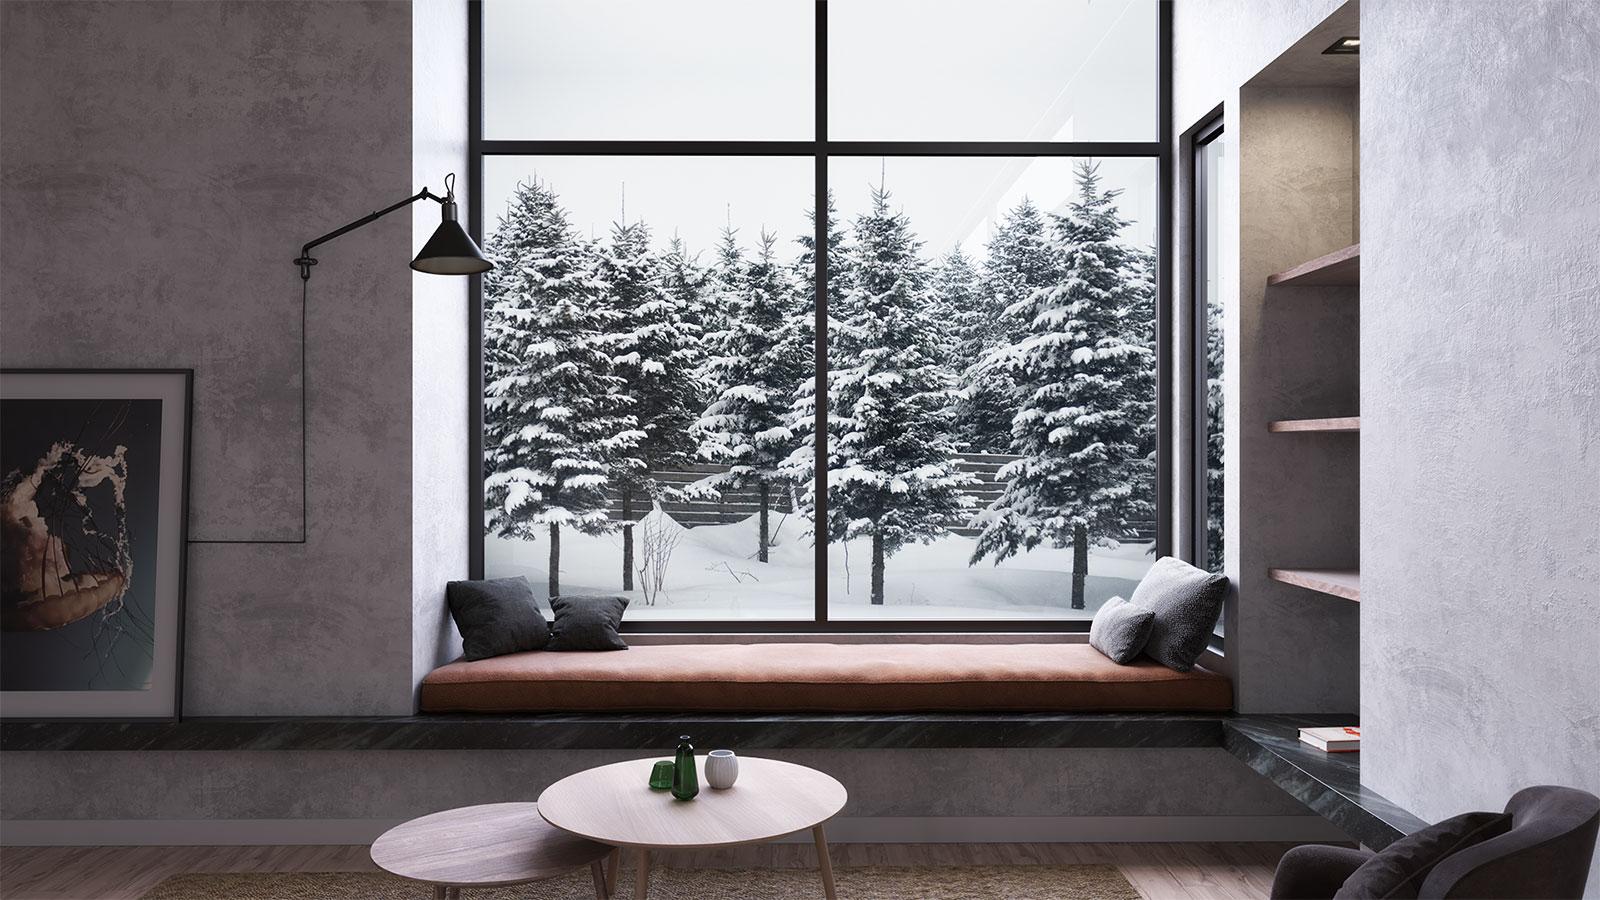 V1_snow